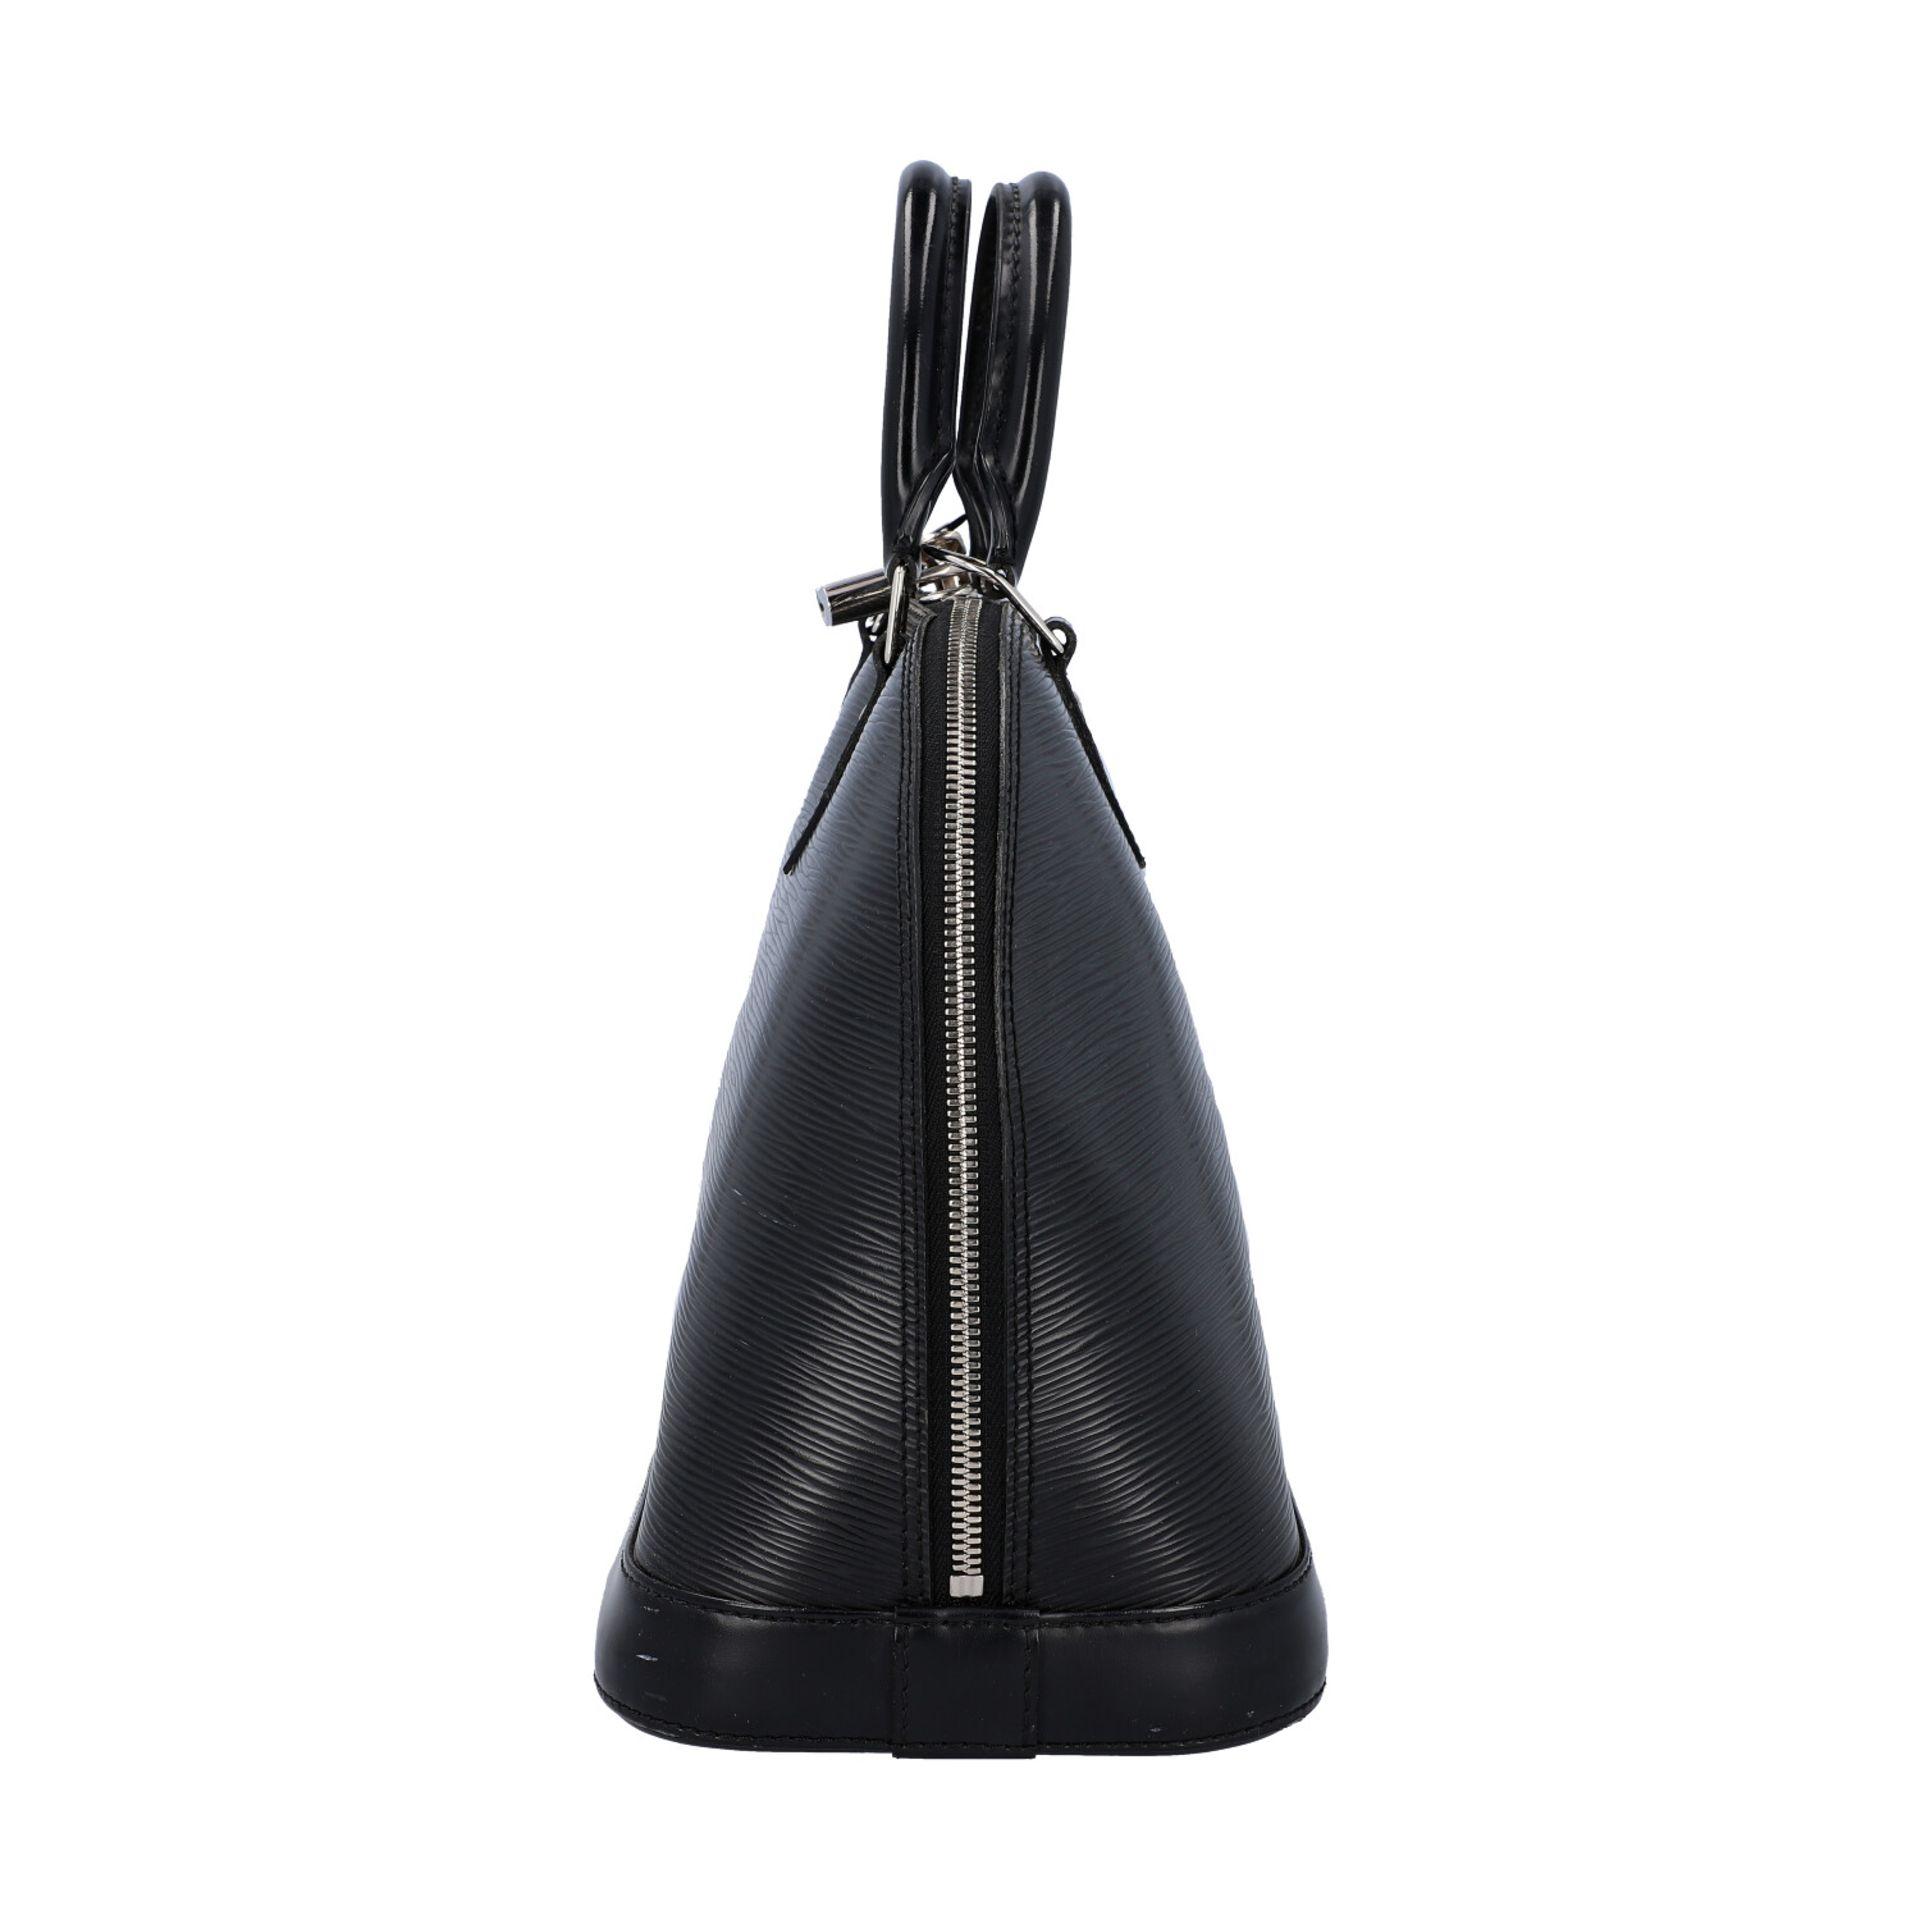 """LOUIS VUITTON Handtasche """"ALMA PM"""", Koll. 2011.Akt. NP.: 1.680,-€. Epi Leder Serie in Schwarz mit - Bild 3 aus 8"""